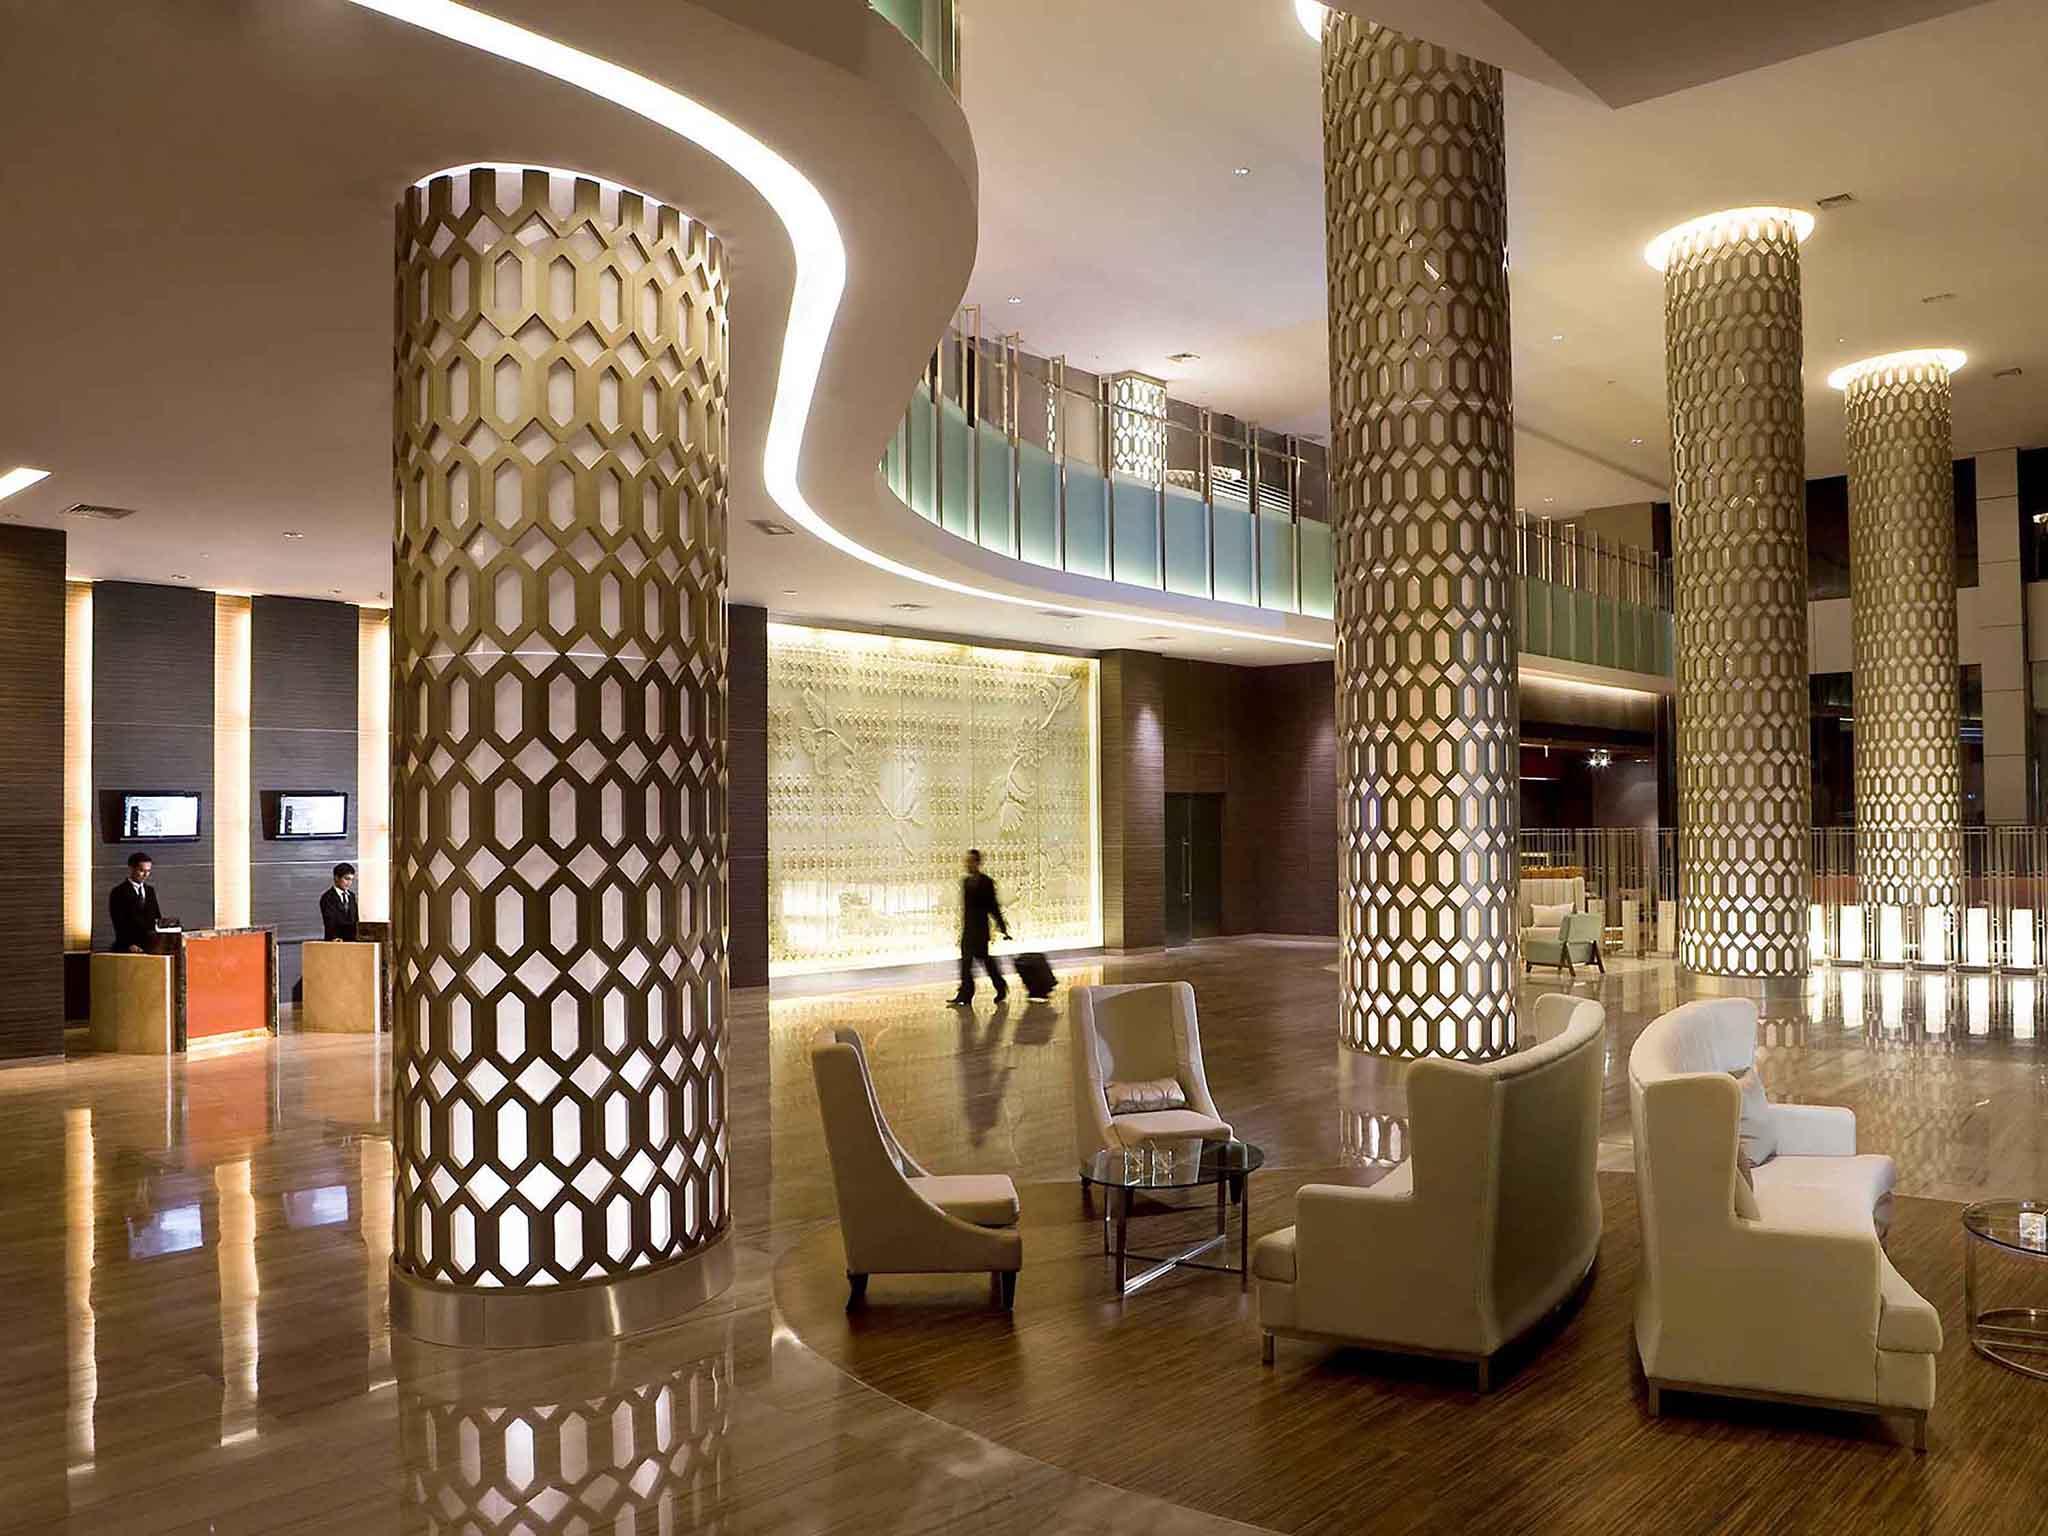 โรงแรม – Novotel Bangka - Hotel & Convention Centre